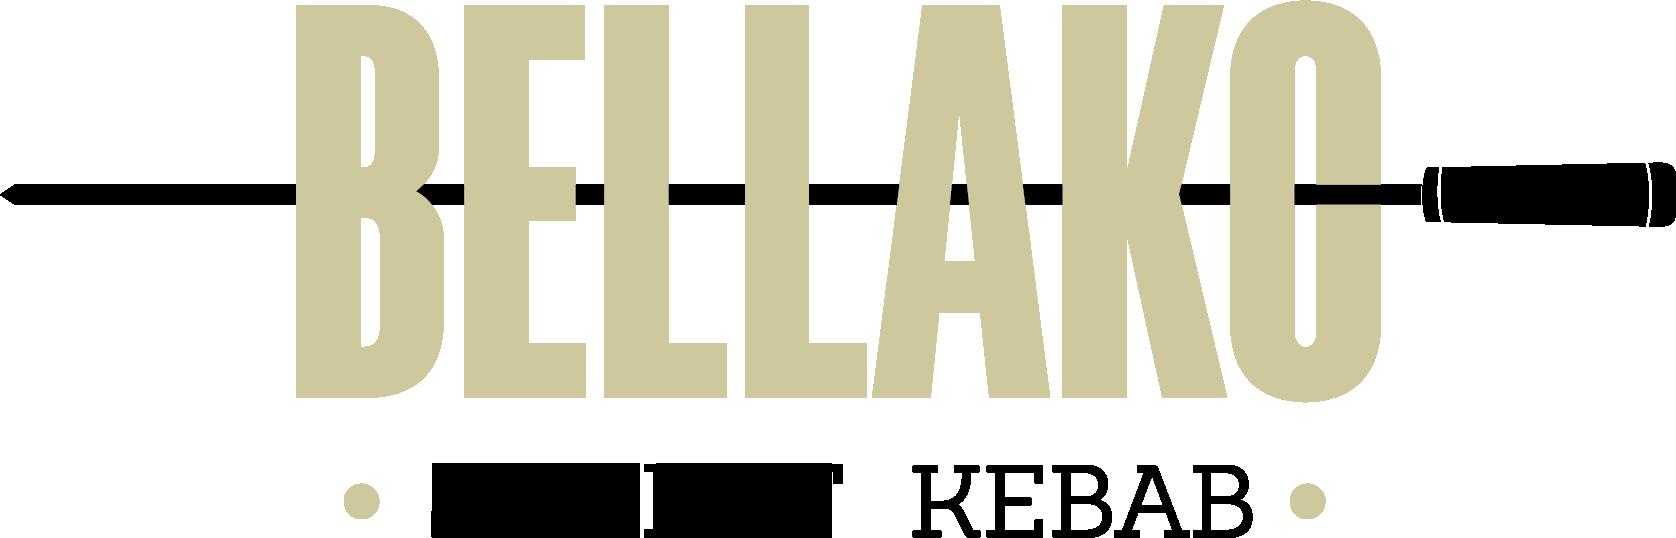 Bellako